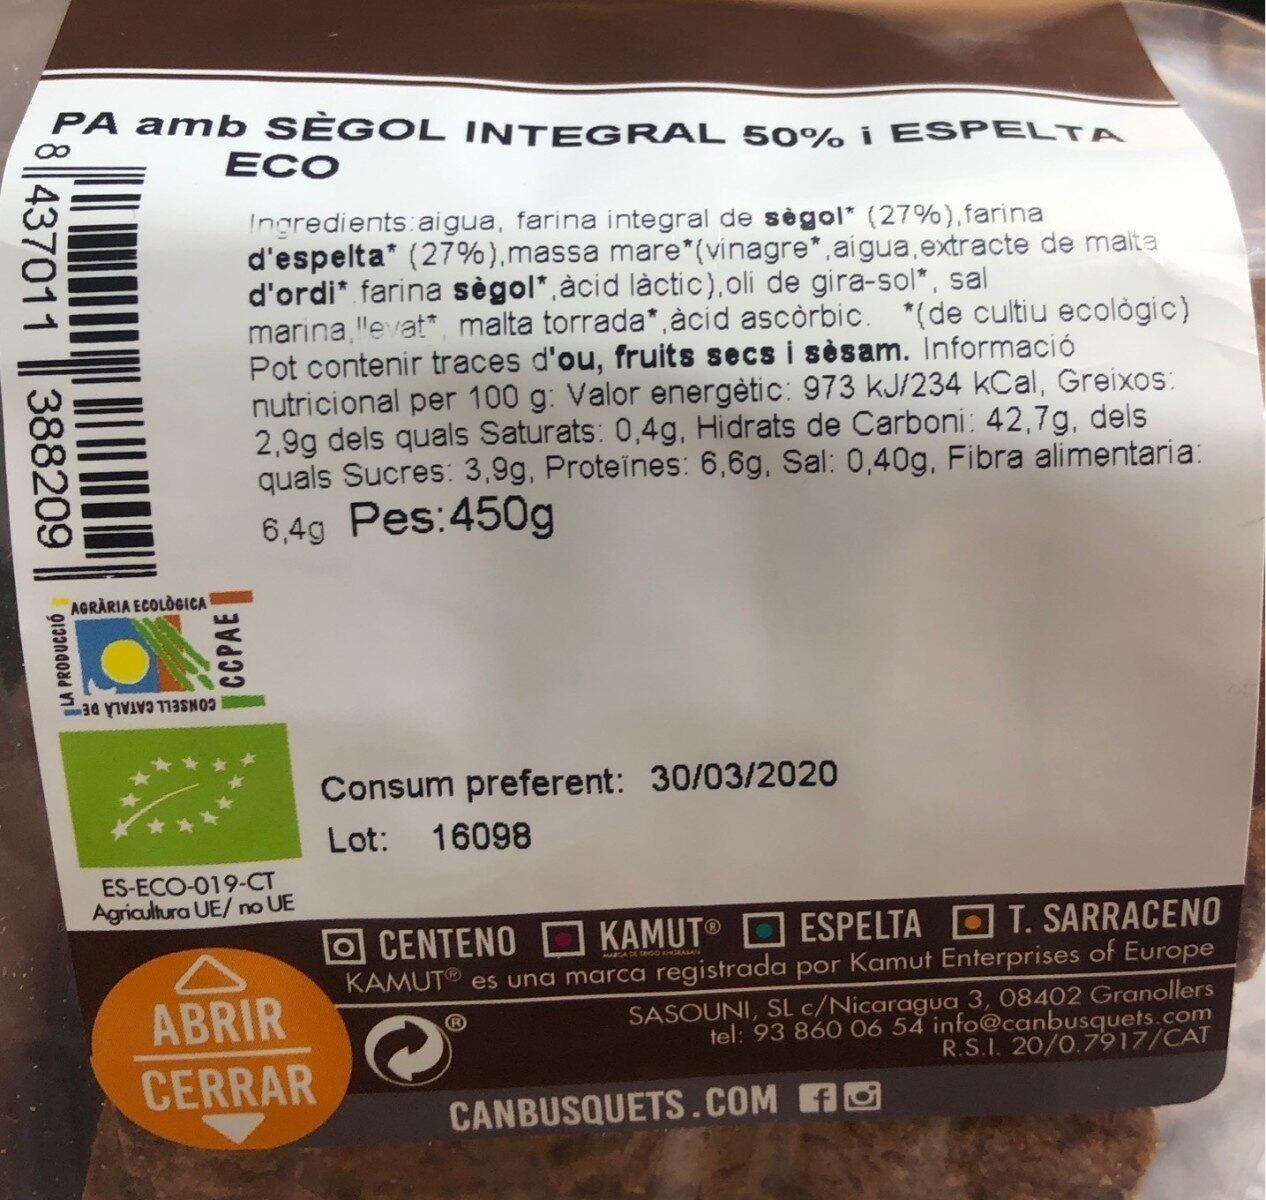 Pan de centeno integral 50% y espelta eco - Informations nutritionnelles - fr